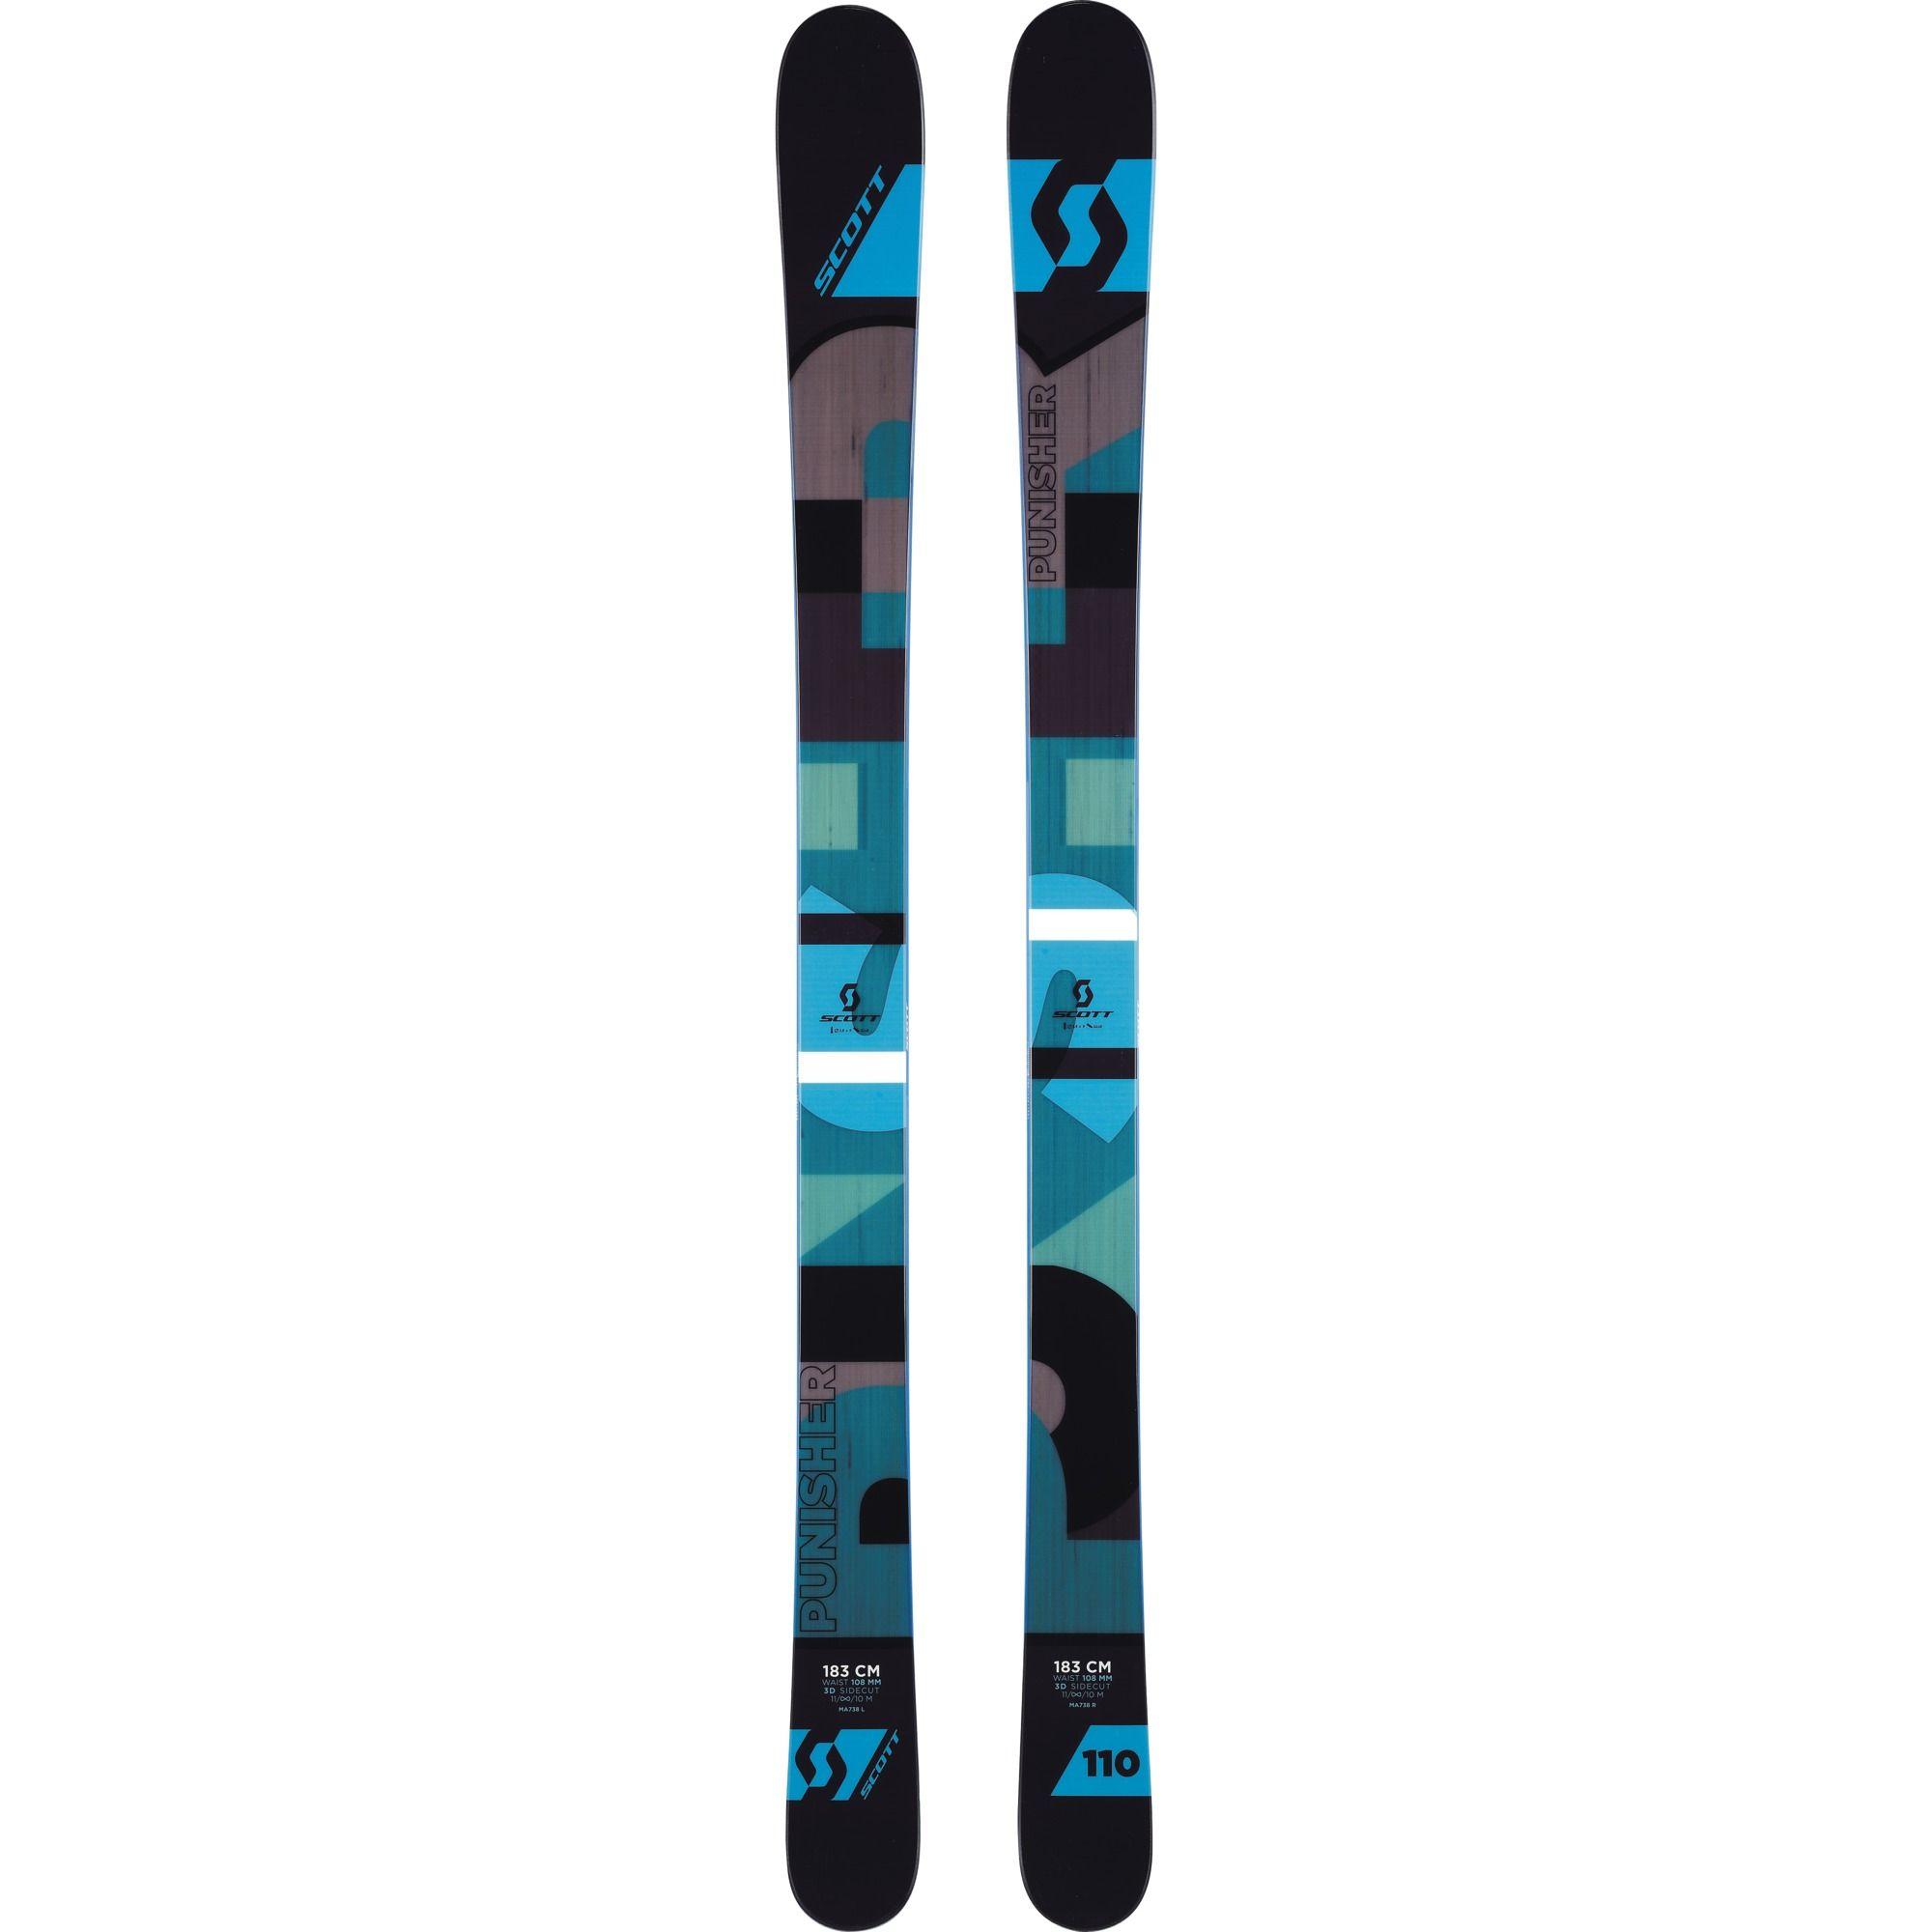 Scott Punisher 110 Ski